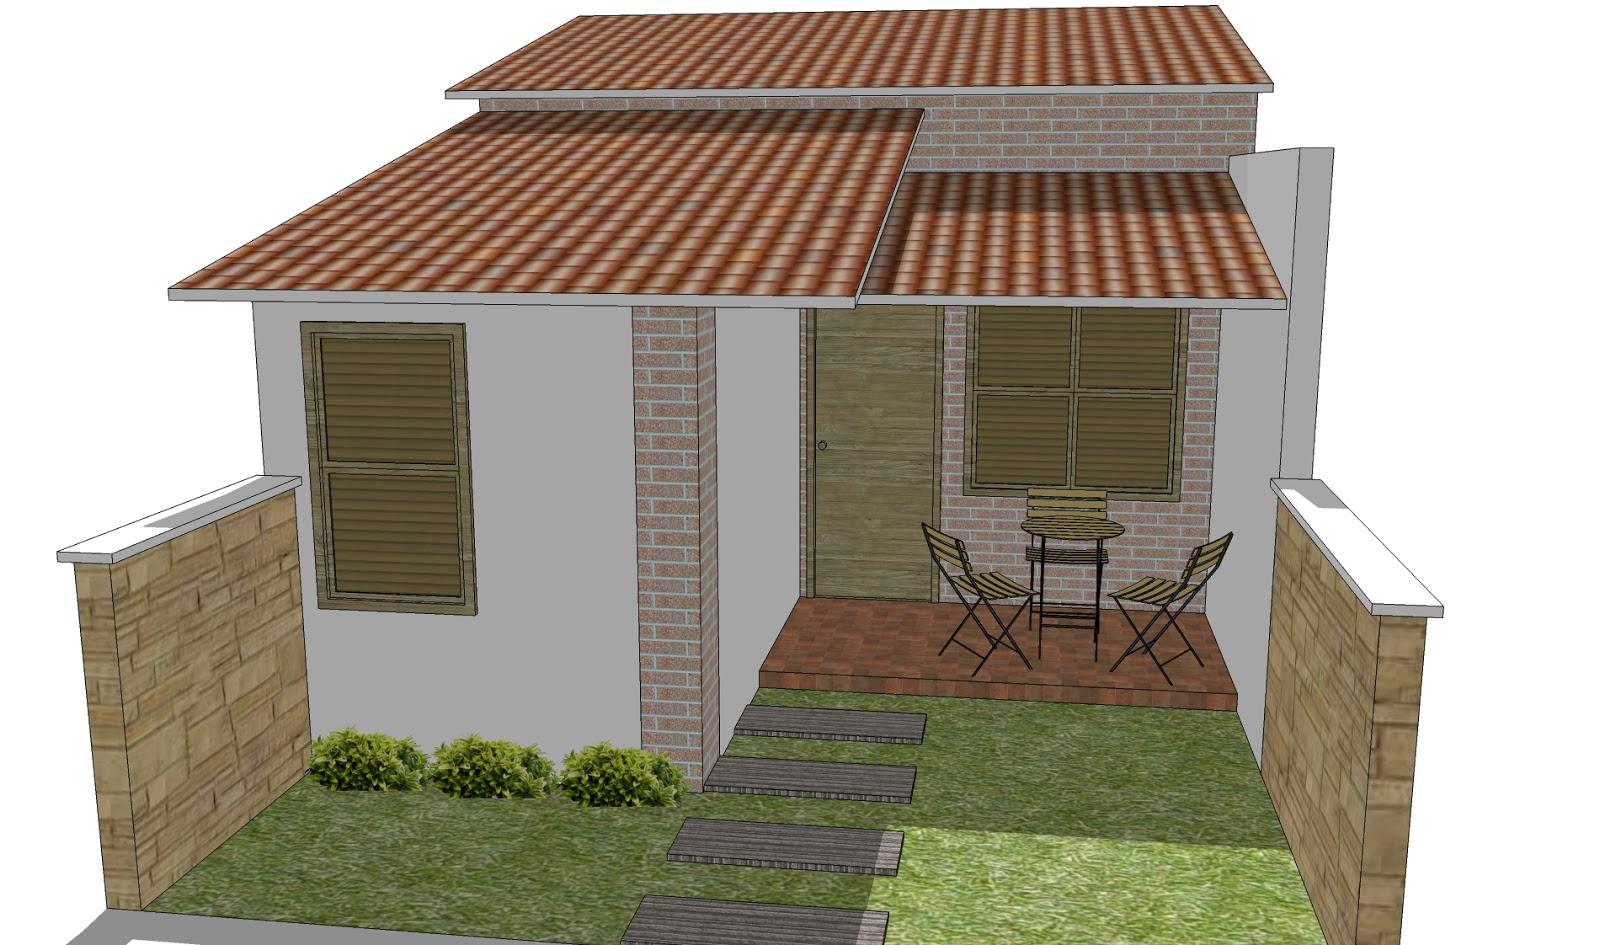 Quarto compacta 10 x R$7 90 Clique Projetos #694630 1600x945 Banheiro Adaptado Medidas